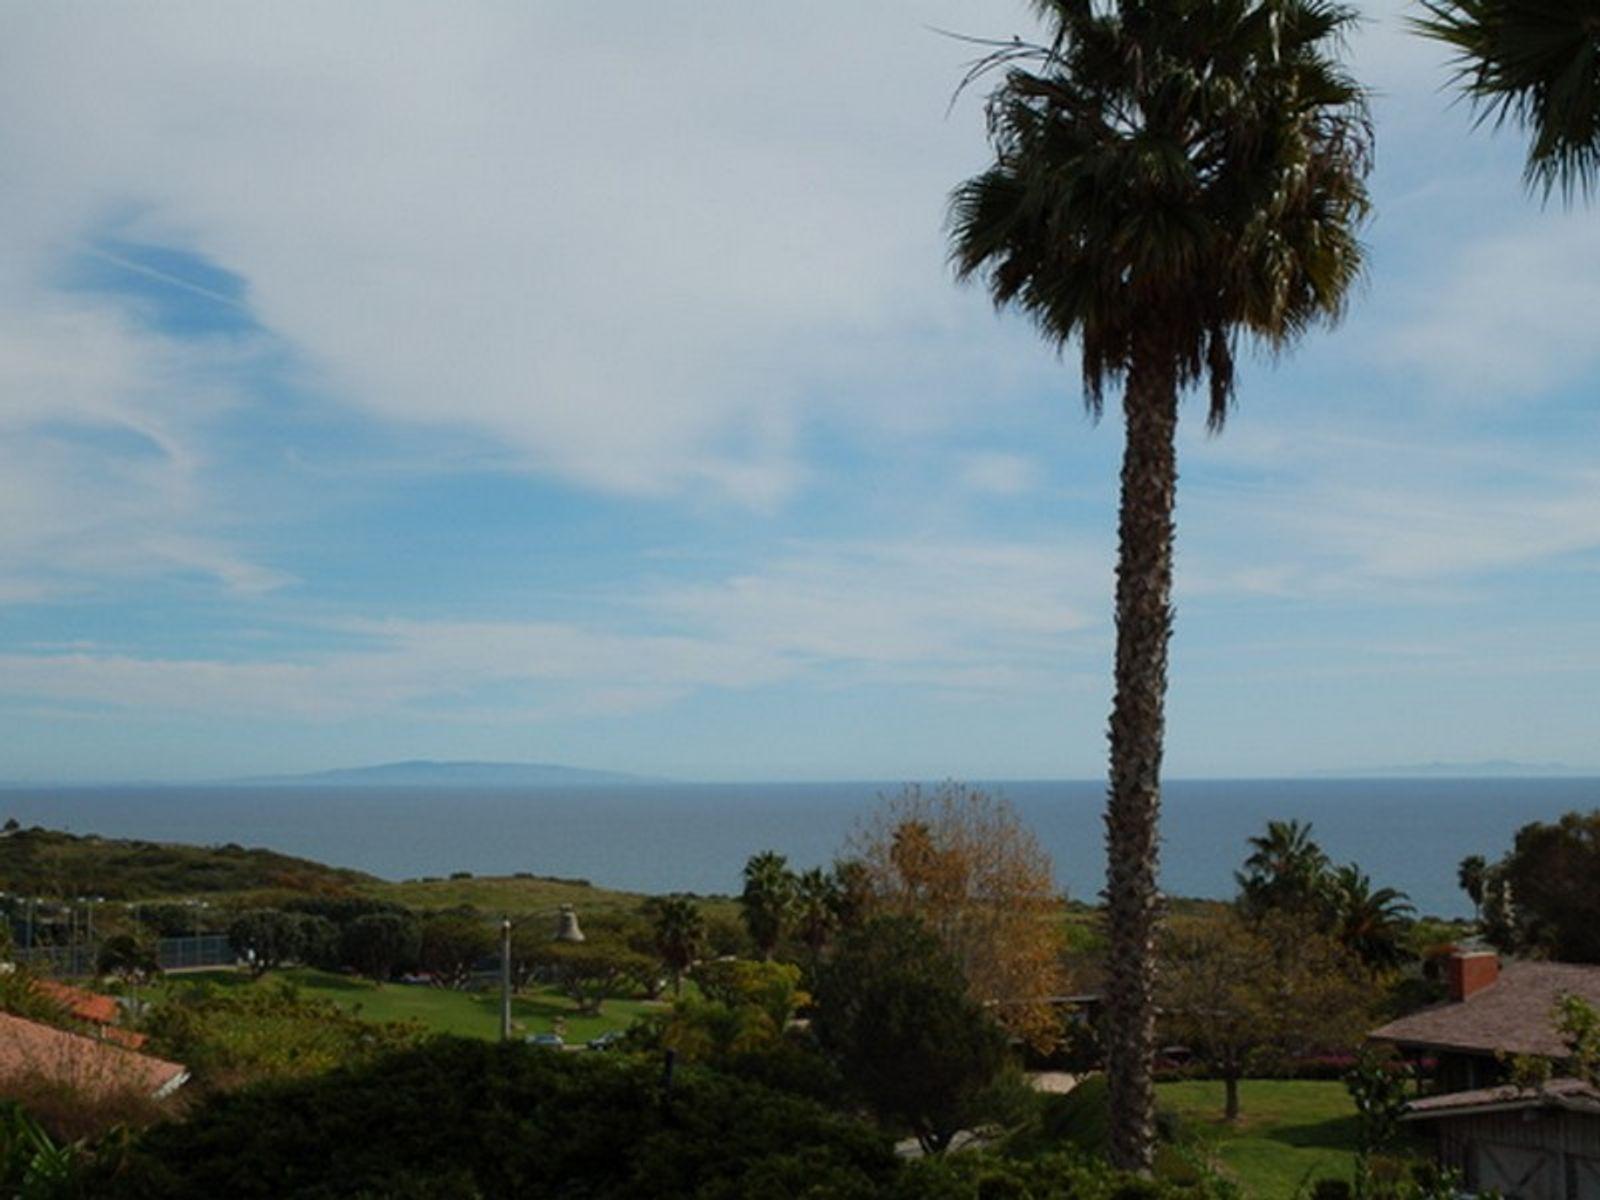 Ocean View Contemporary